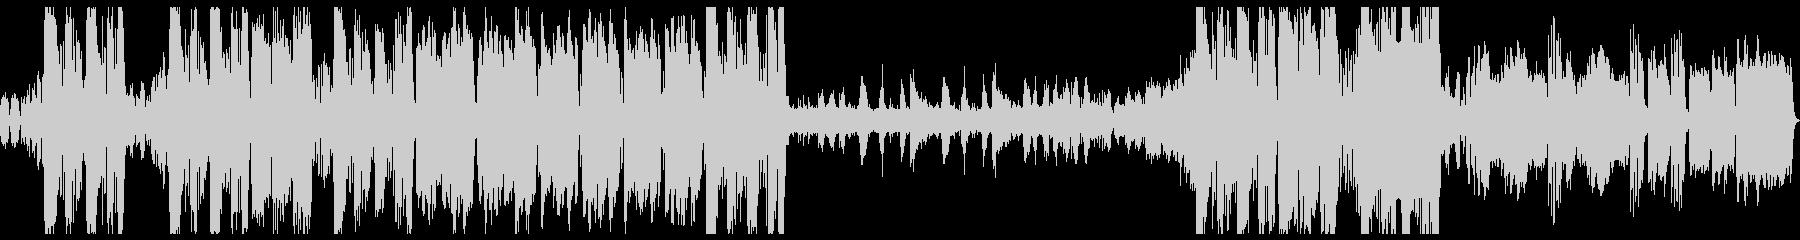 定番クラシック・結婚式・ウェディングの未再生の波形